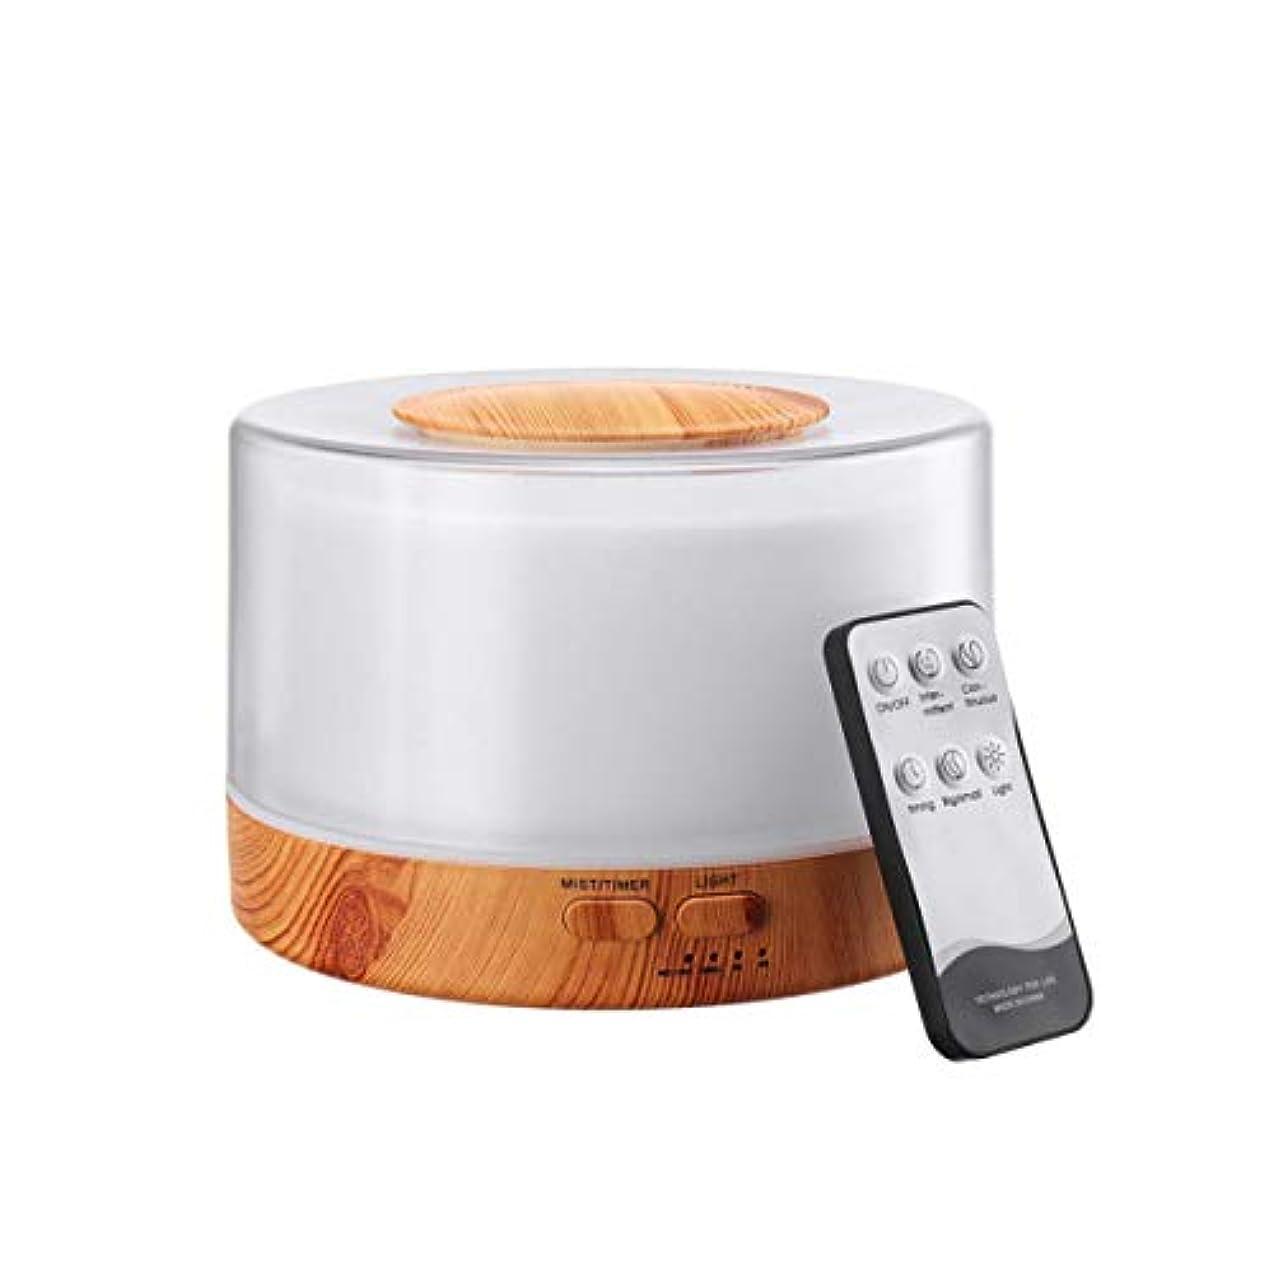 混雑する必要がある突進Healifty Essential Oil Diffuser Cool Mist Air Humidifier Aroma Atomizer Aromatherapy for Bedroom Office 700ml...